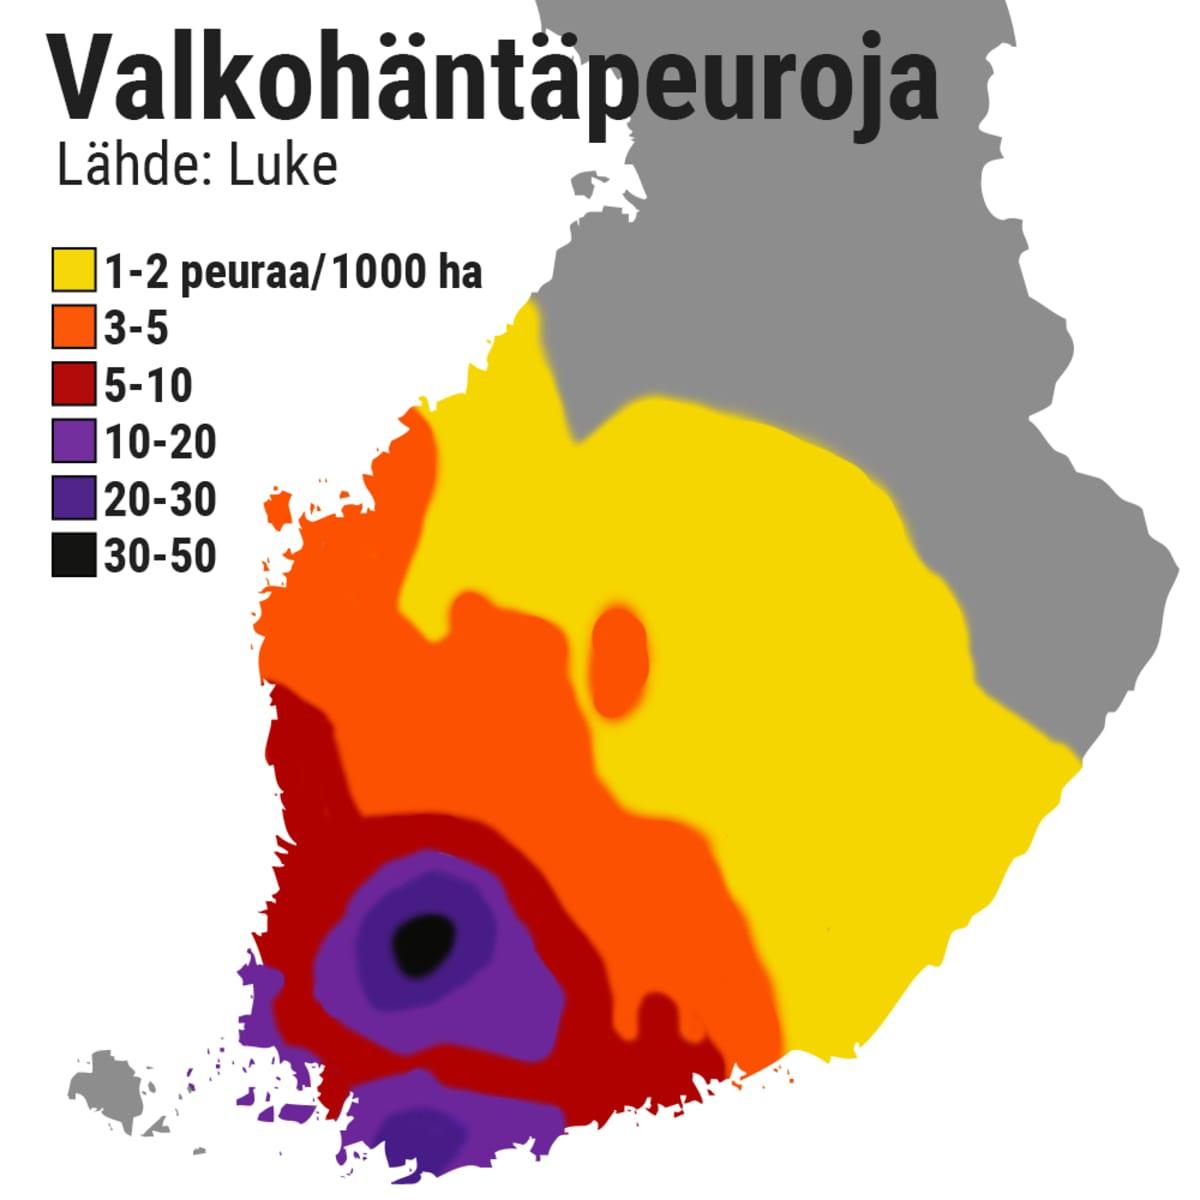 Kartta valkohäntäpeurojen levinneisyydestä.